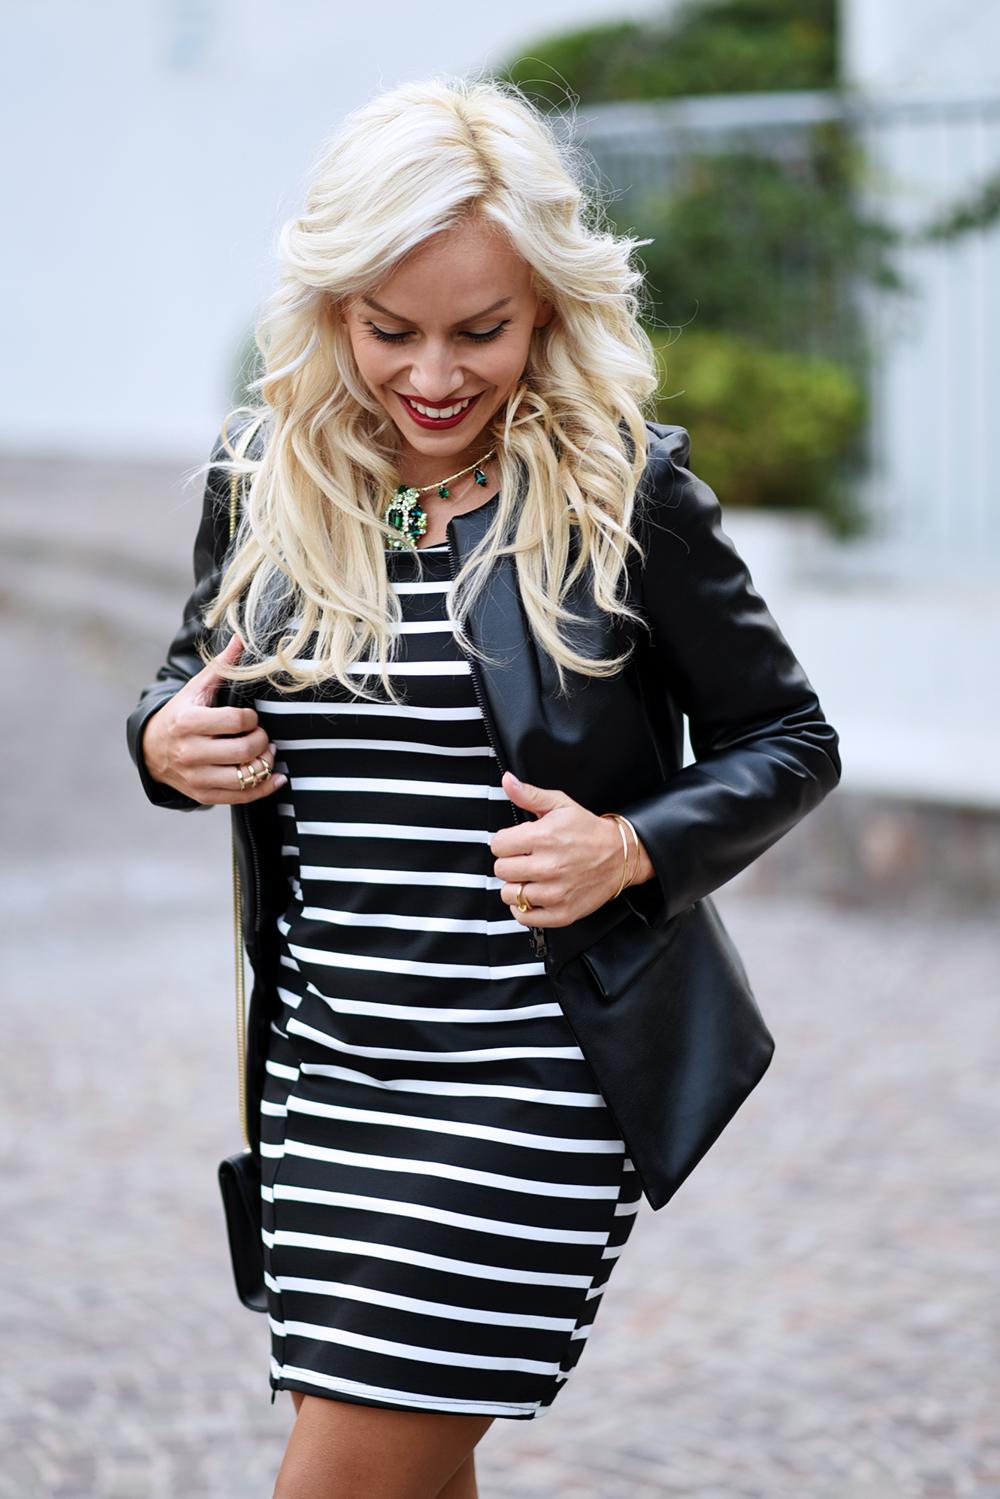 Striped dress, vestiti a righe, Choies spedizioni Italia, Choies dogana, Mercuri Luxury gioielli, Mercuri Moda luxury bijoux – outfit fashion blogger It-Girl by Eleonora Petrella